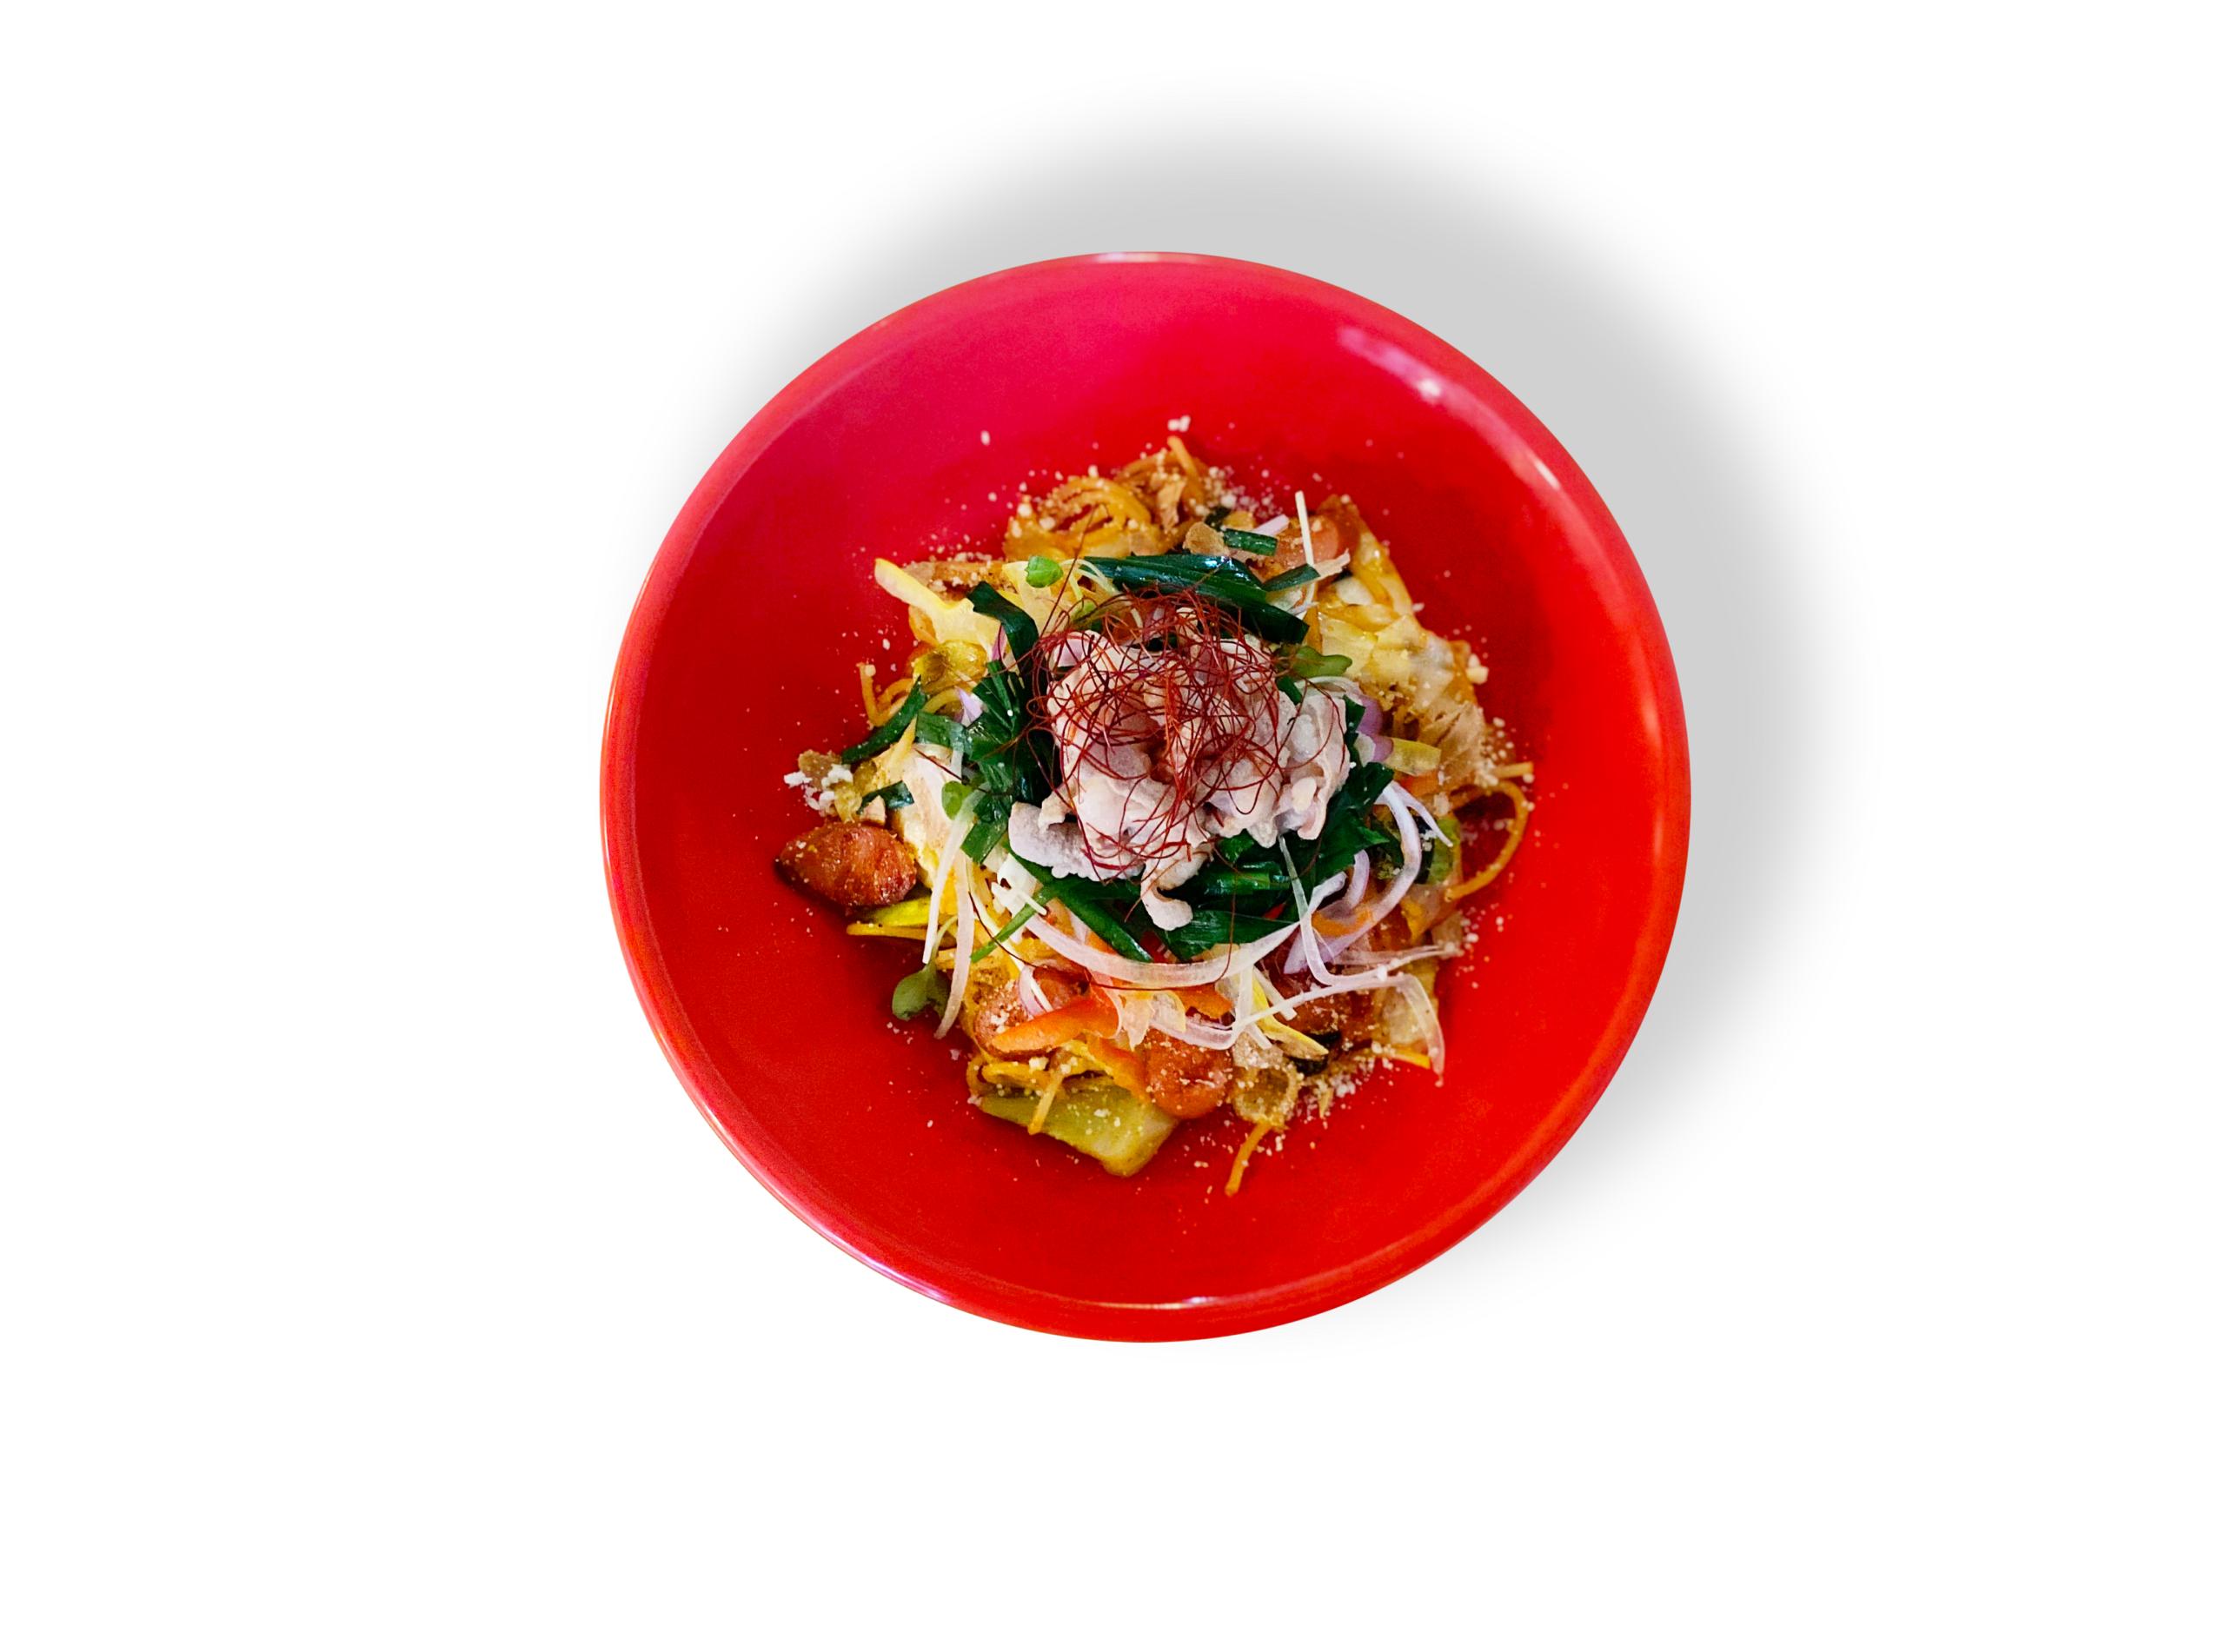 「チーズ&ワイン みんなのイタリアン 大濠公園駅店」の『博多もつナポ』の写真